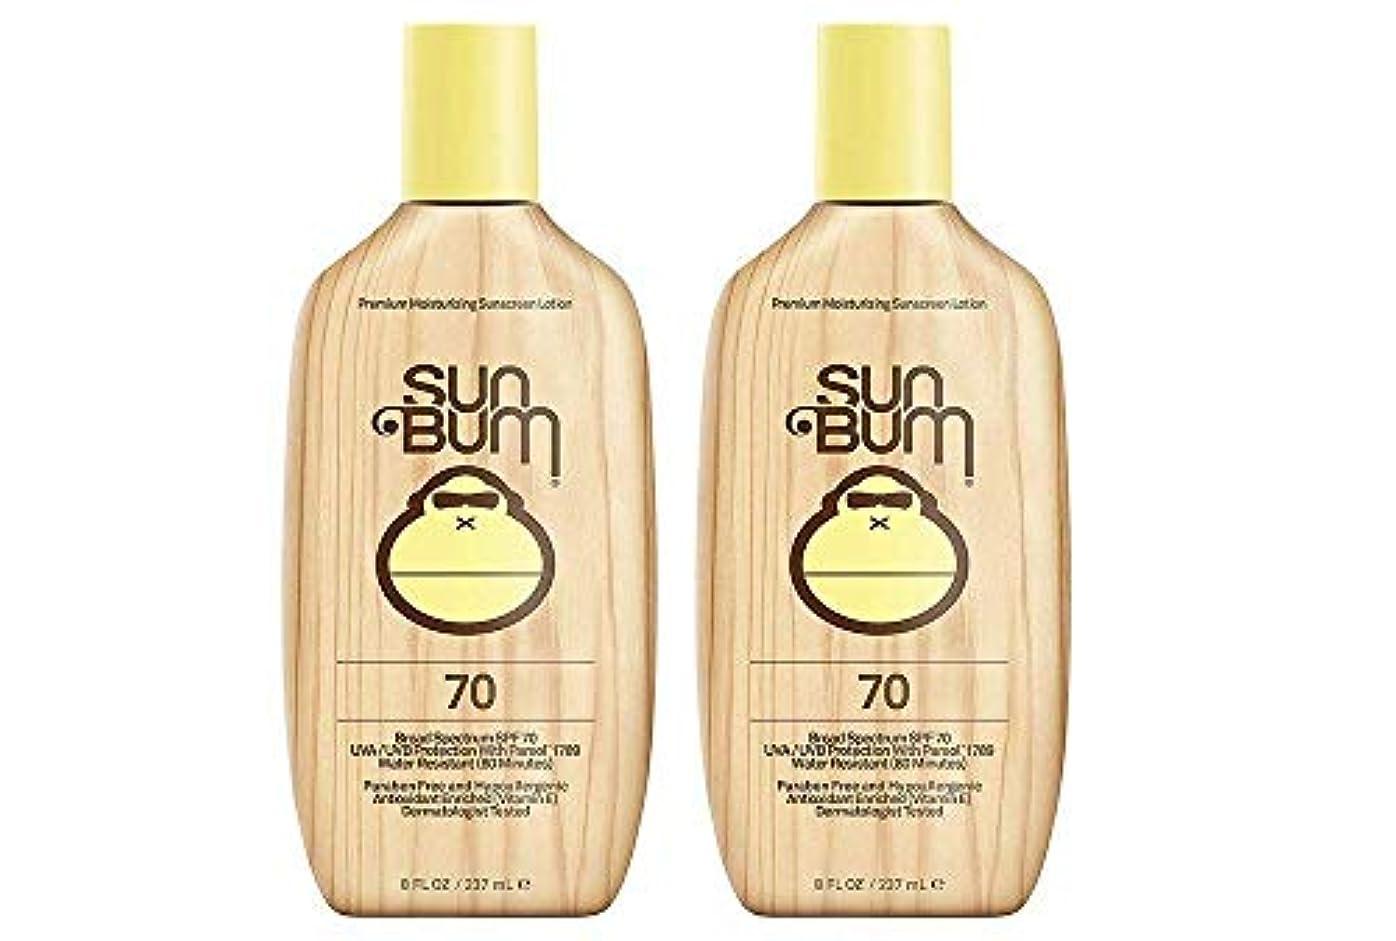 販売計画軍一Sun Bum SPF 70 Lotion Sunscreen - by Sun Bum